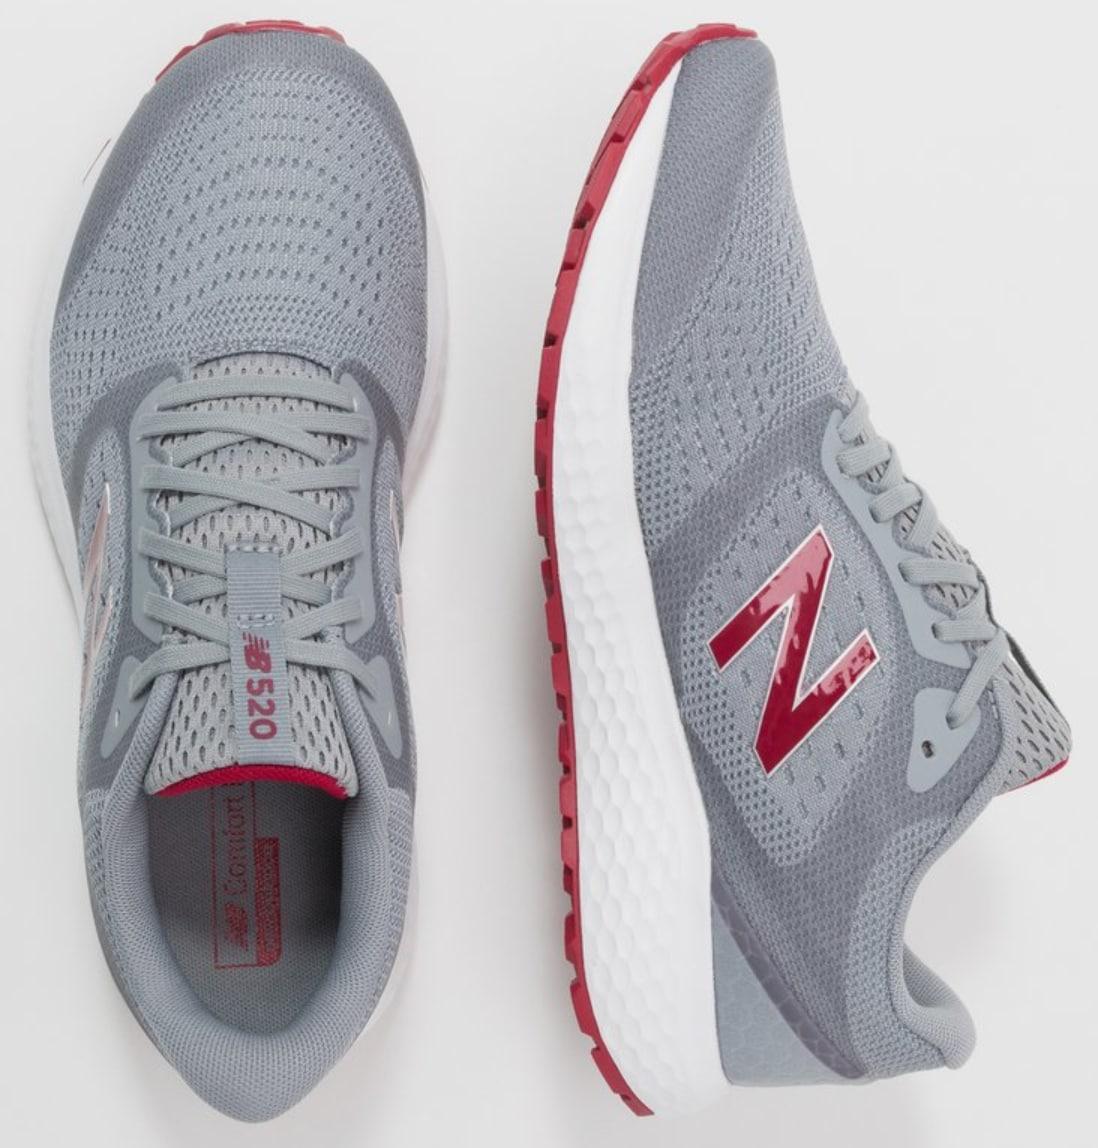 Recopilación 50 chollo zapatillas Puma, Rebook, Nike y más en Zalando Privé